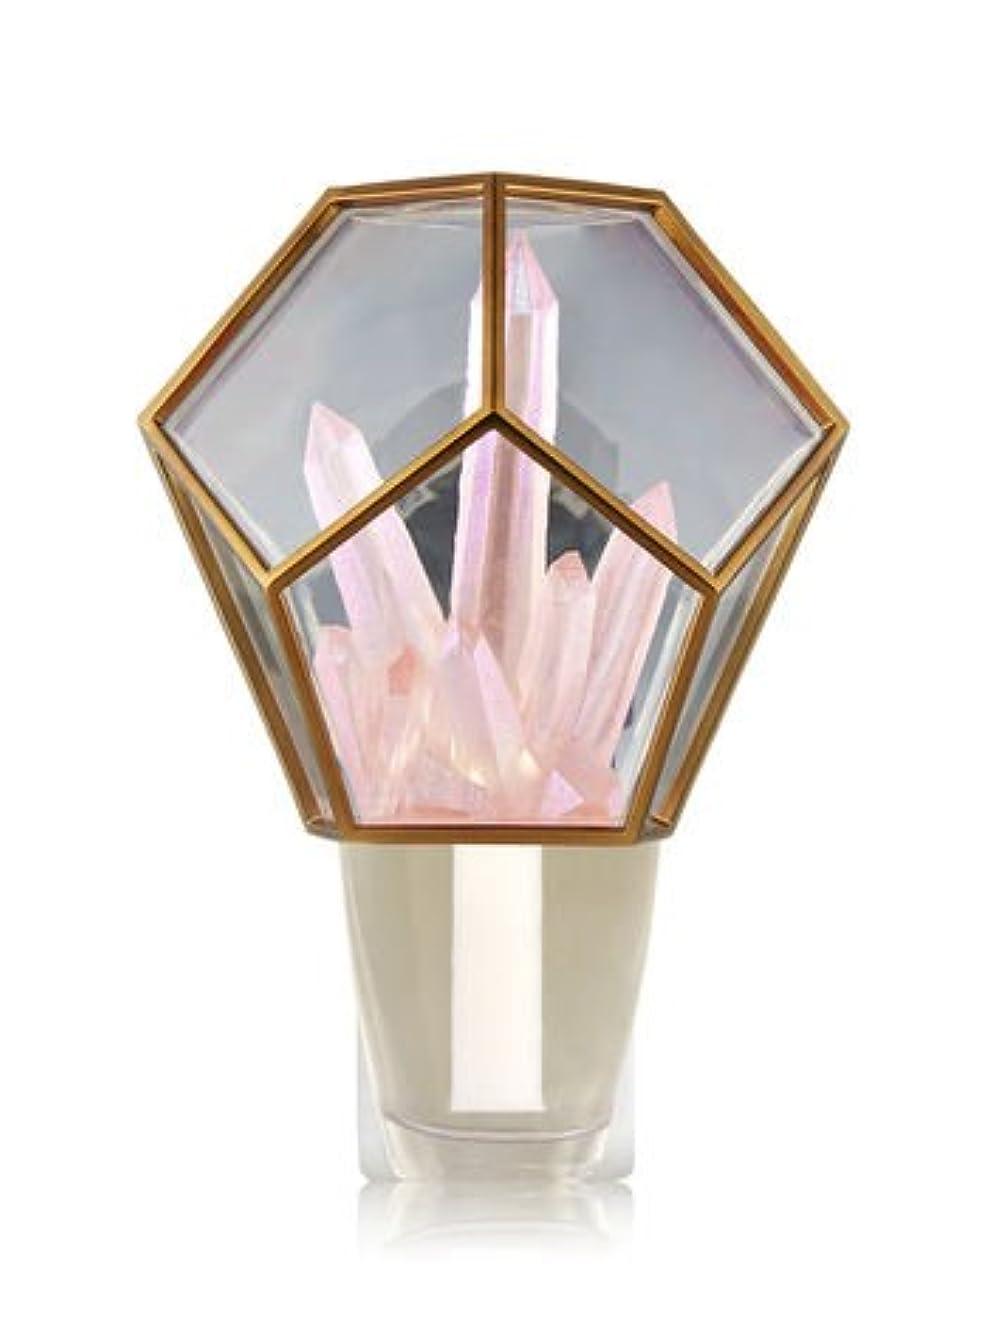 私たち乱雑な適切な【Bath&Body Works/バス&ボディワークス】 ルームフレグランス プラグインスターター (本体のみ) クリスタルテラリウムナイトライト Wallflowers Fragrance Crystal Terrarium Night Light [並行輸入品]